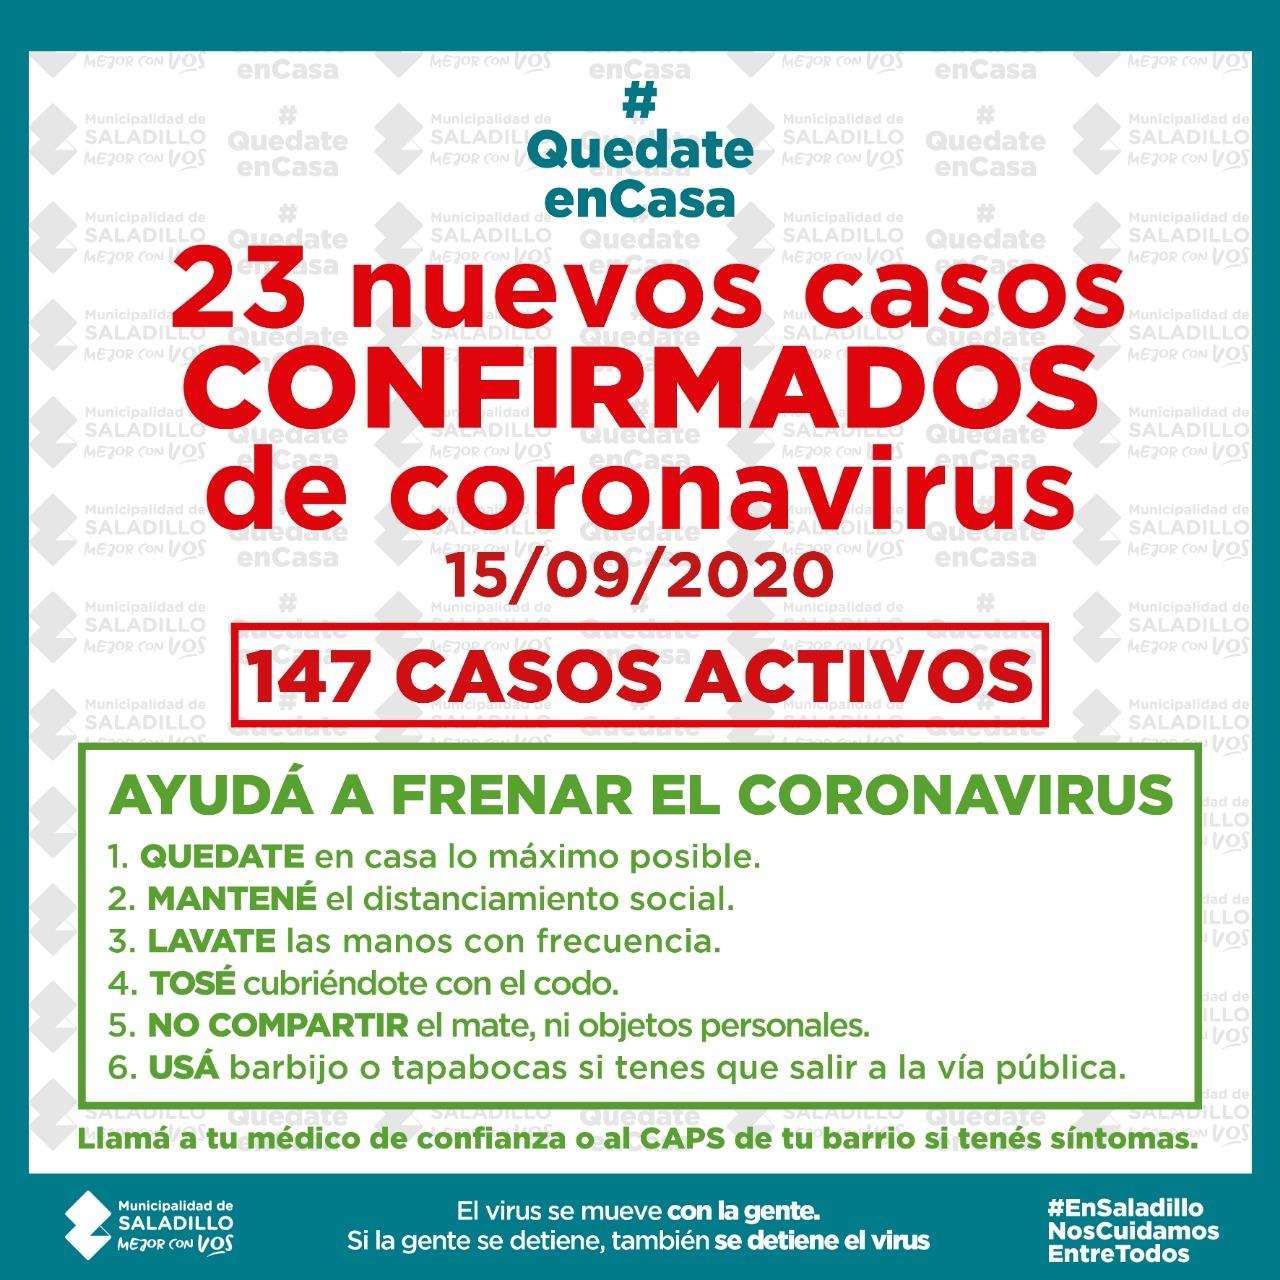 SITUACIÓN EPIDEMIOLÓGICA EN SALADILLO, ARGENTINA Y EL MUNDO al 15/09/2020